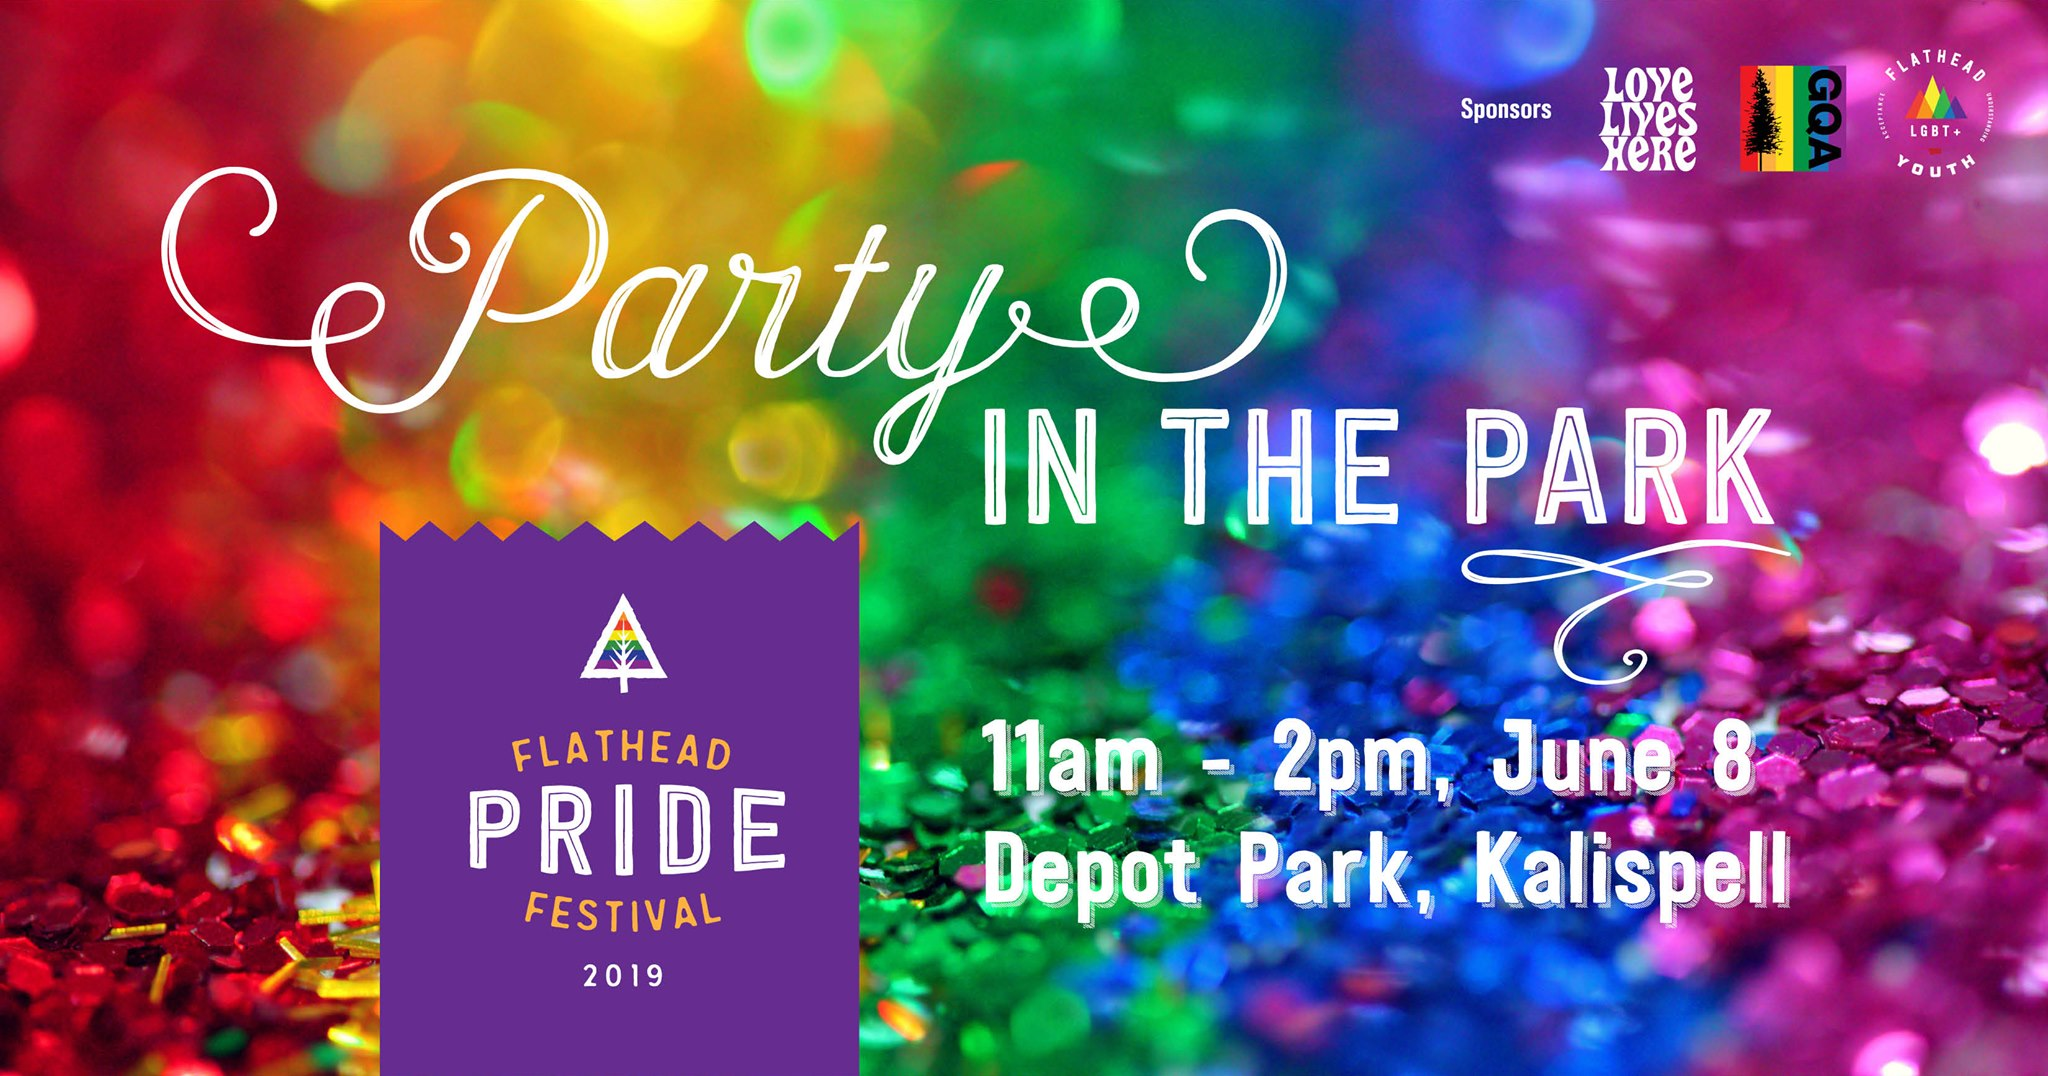 11am - 2pm on Saturday, June 8 Depot Park in Kalispell 15 Depot Park